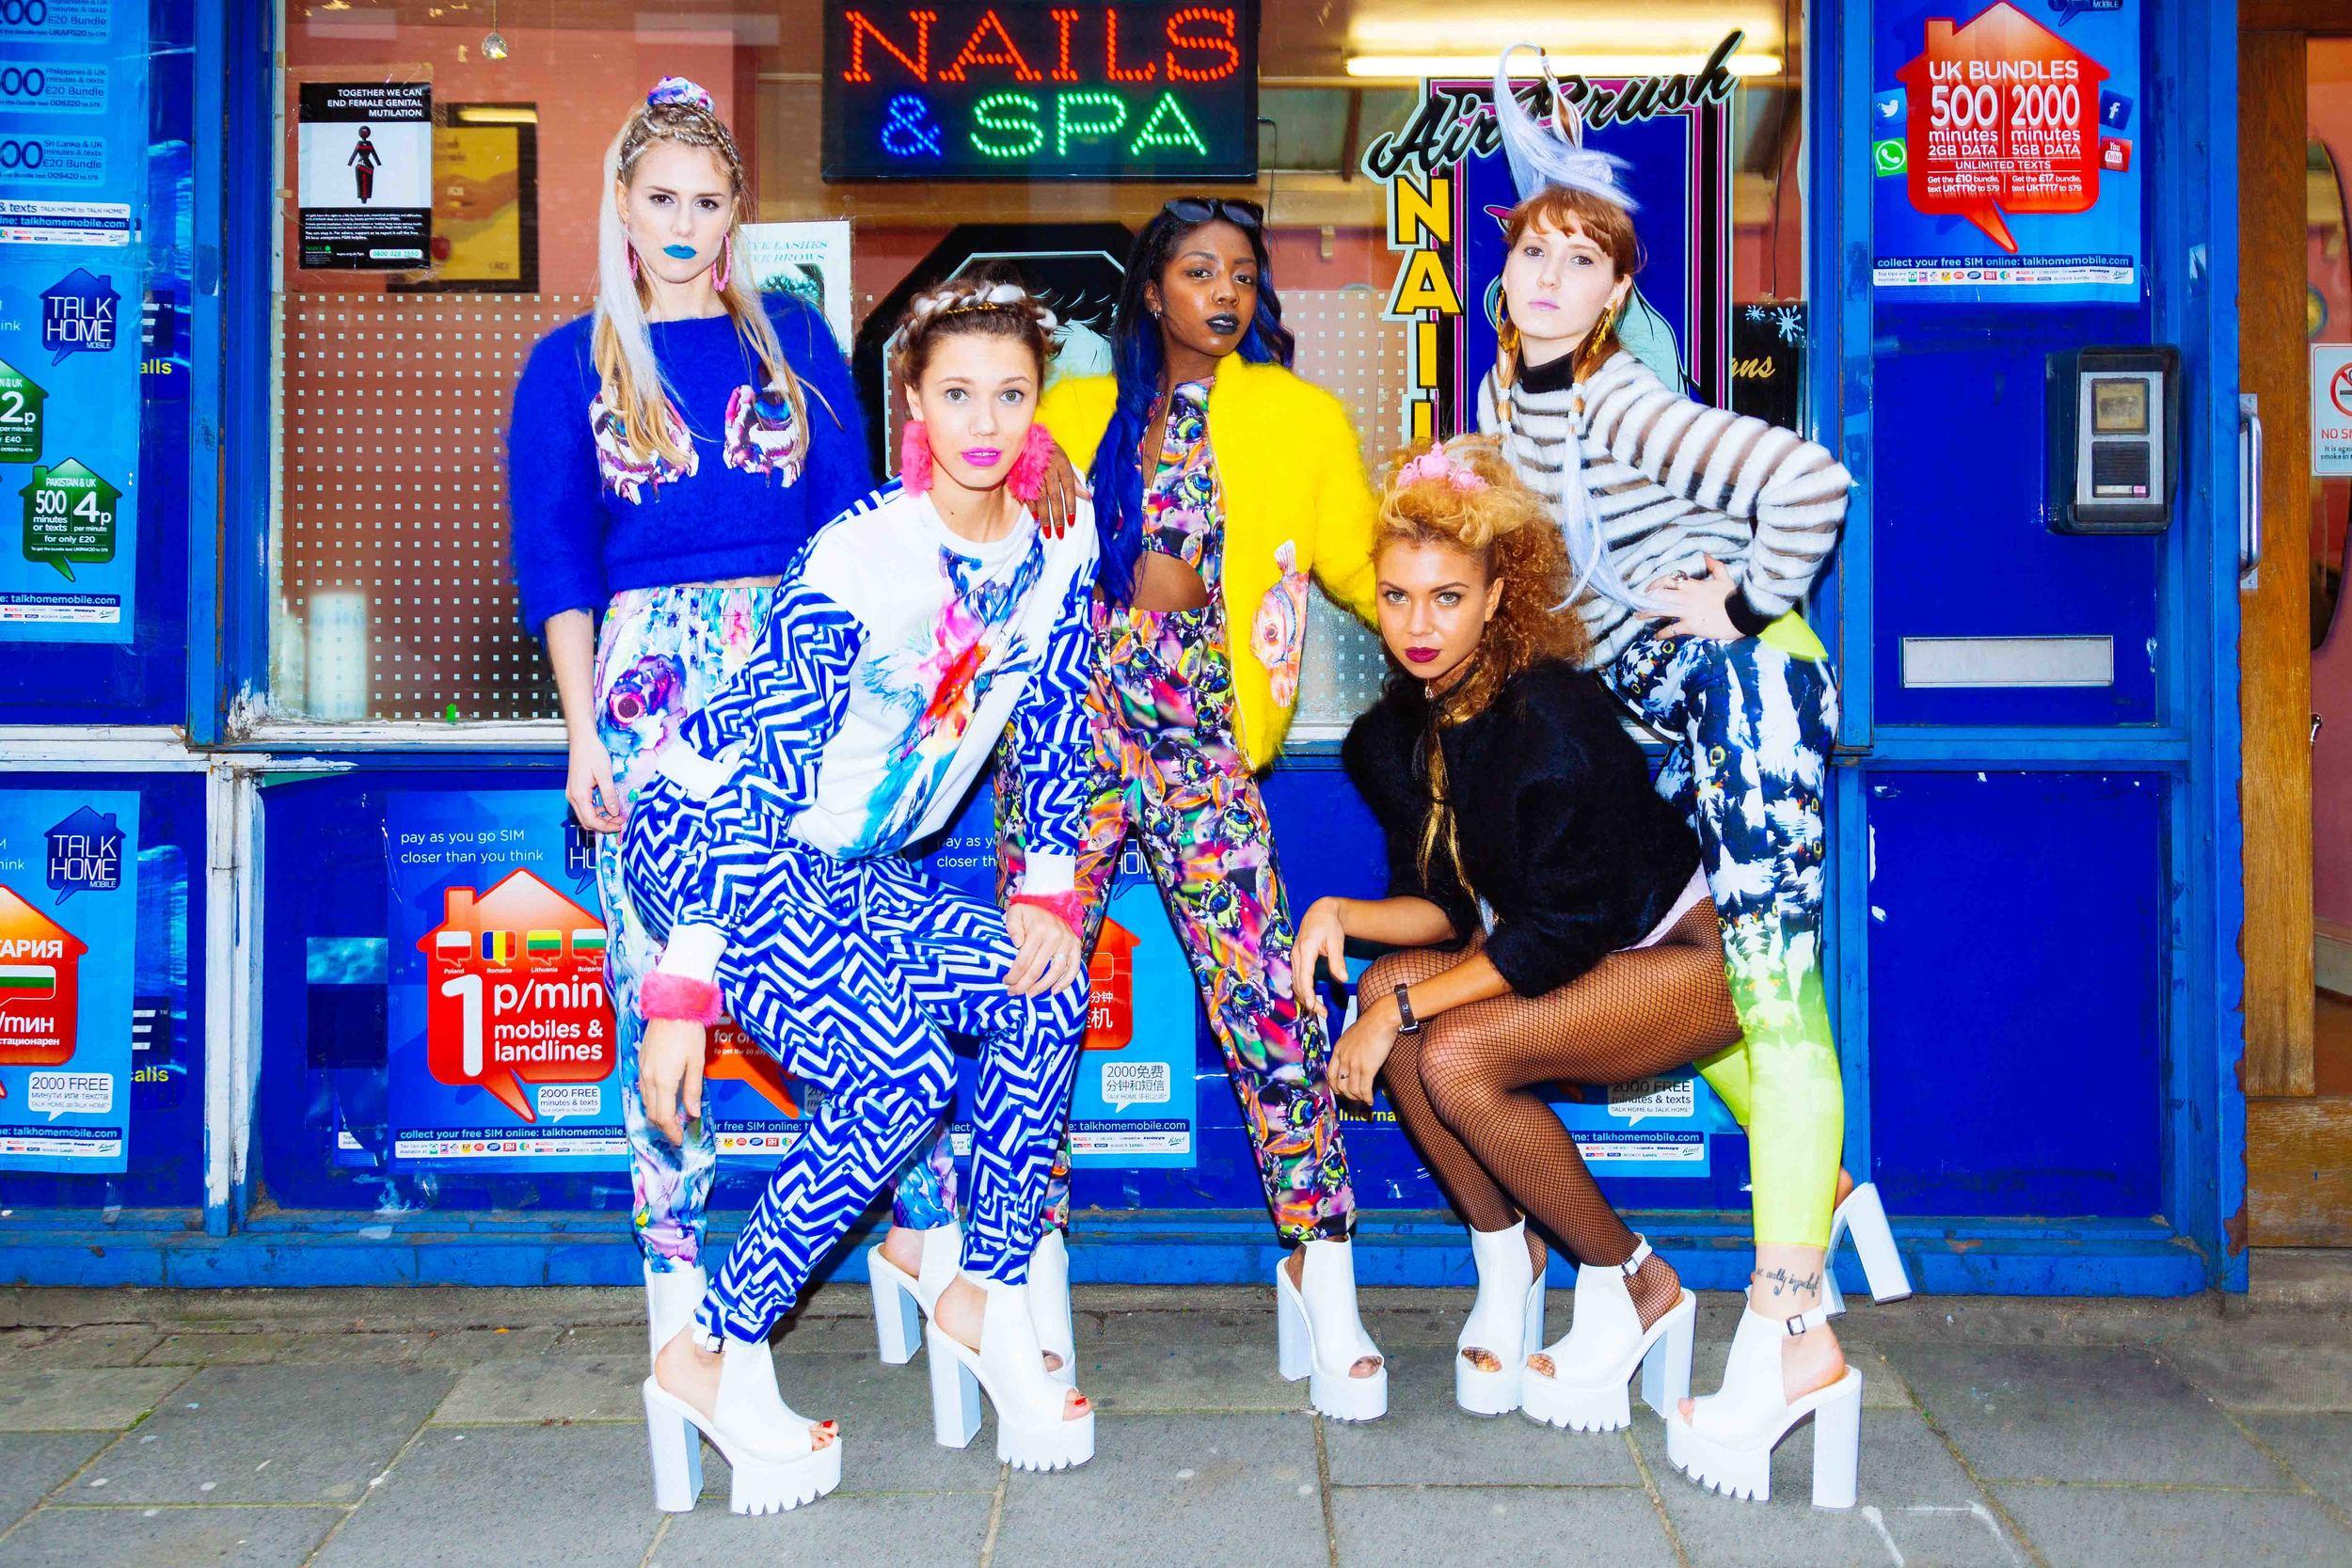 'Gal Talk Saturday'   Nails & Spa, Dalston